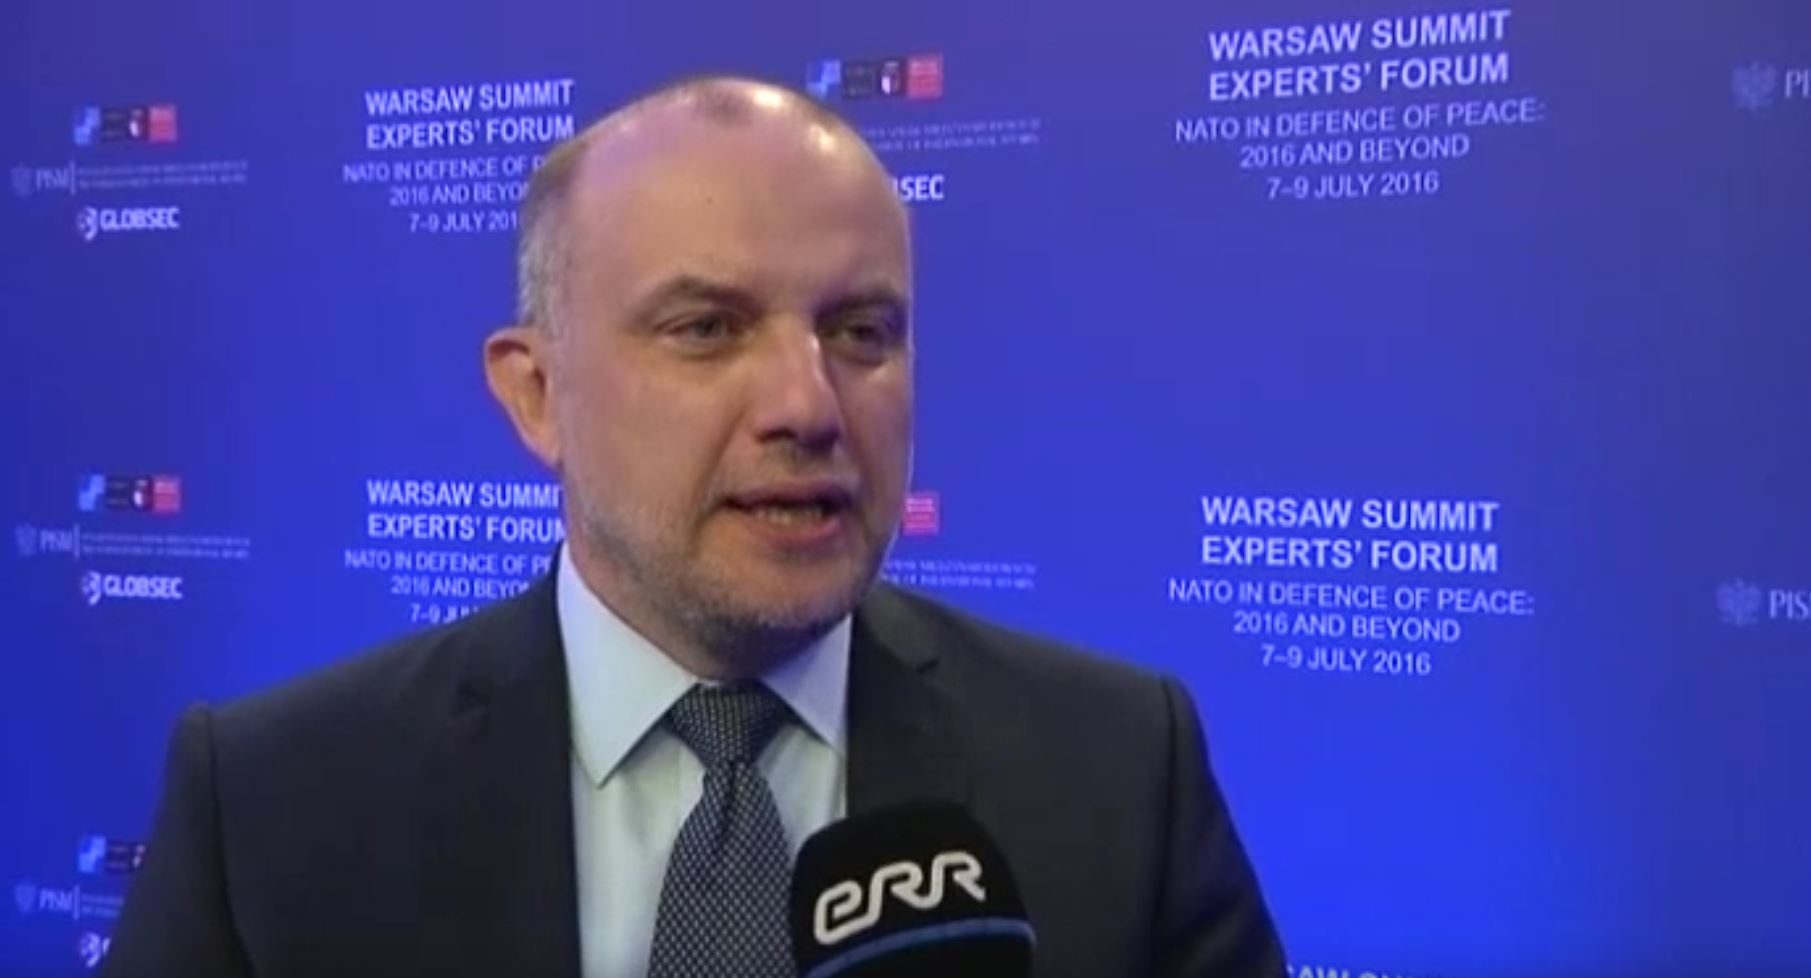 Image for Директор Юри Луйк рассказал в интервью Радио 4 о решениях, принятых на Варшавском Саммите НАТО.